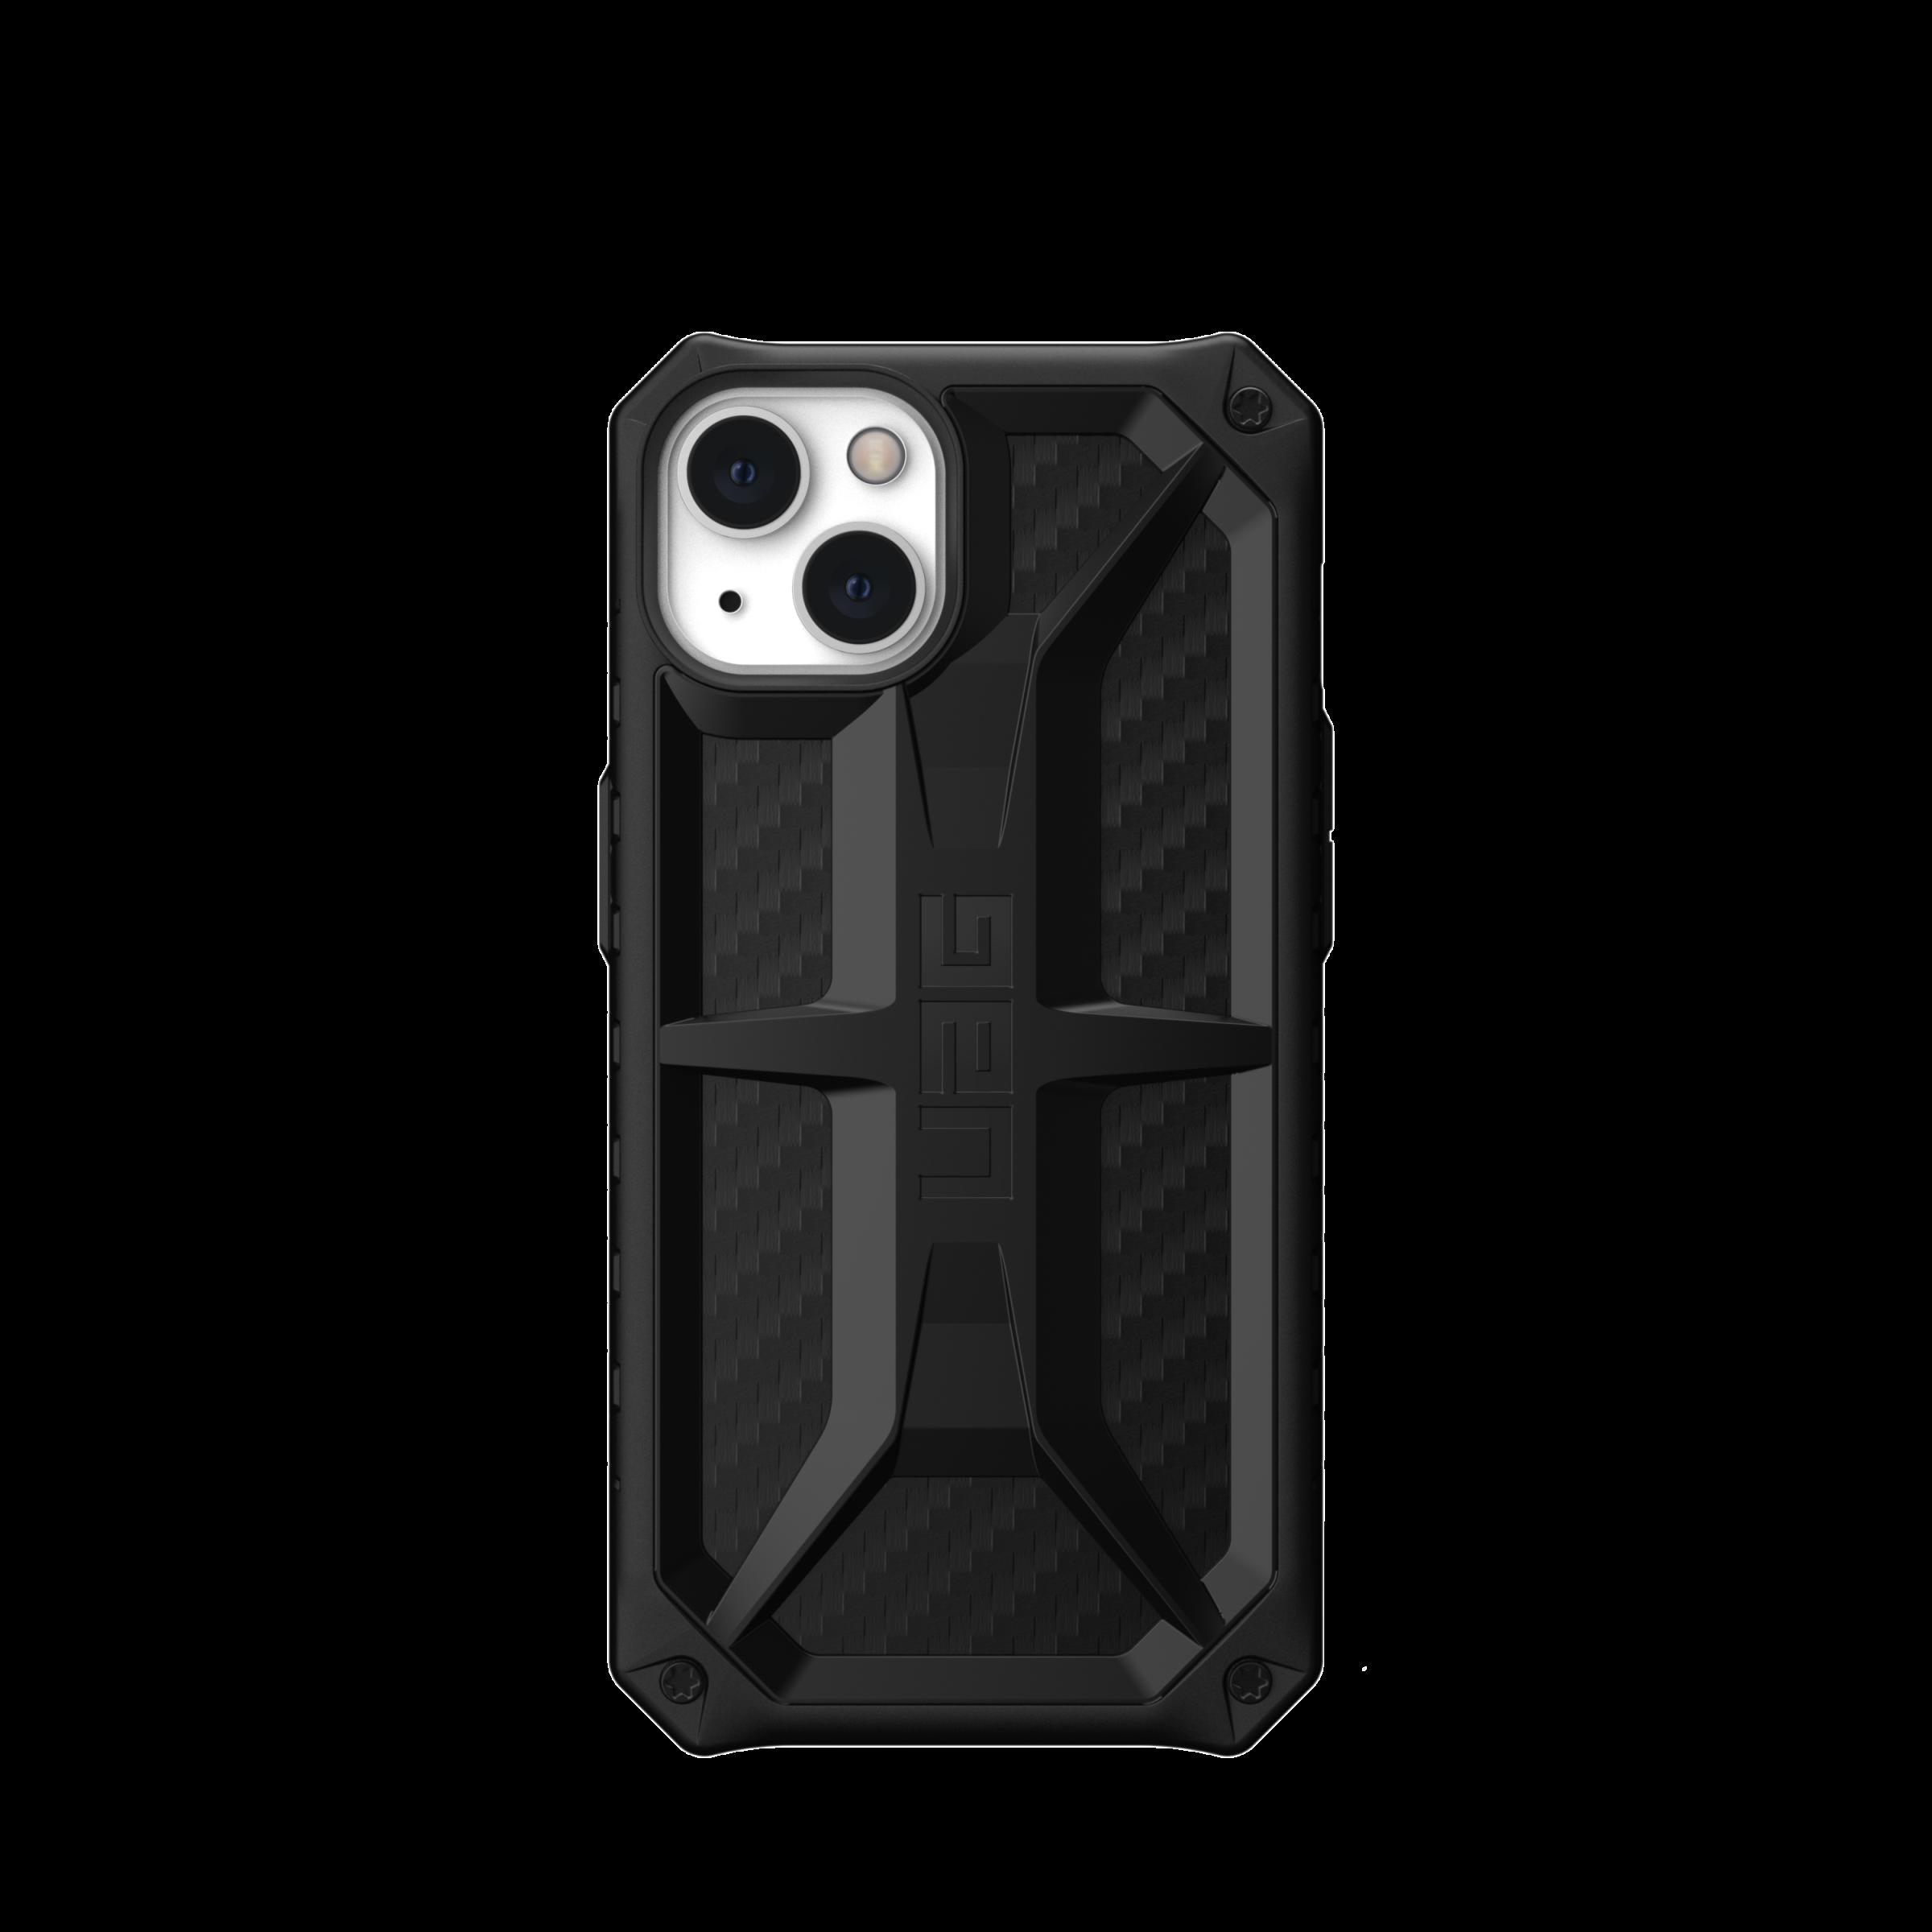 Monarch Series Case iPhone 13 Carbon Fiber